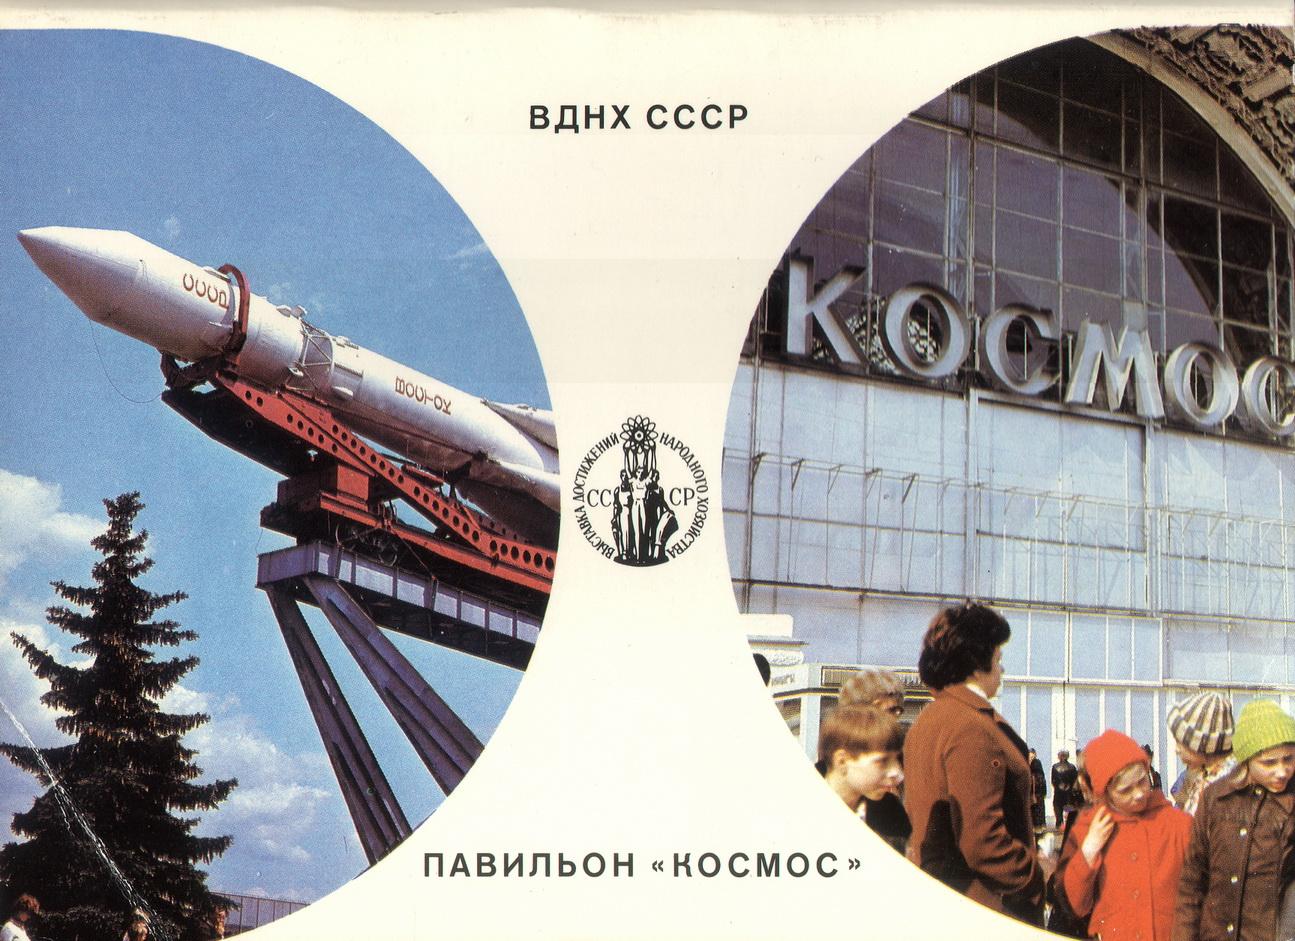 Kosmos2 - title_resize